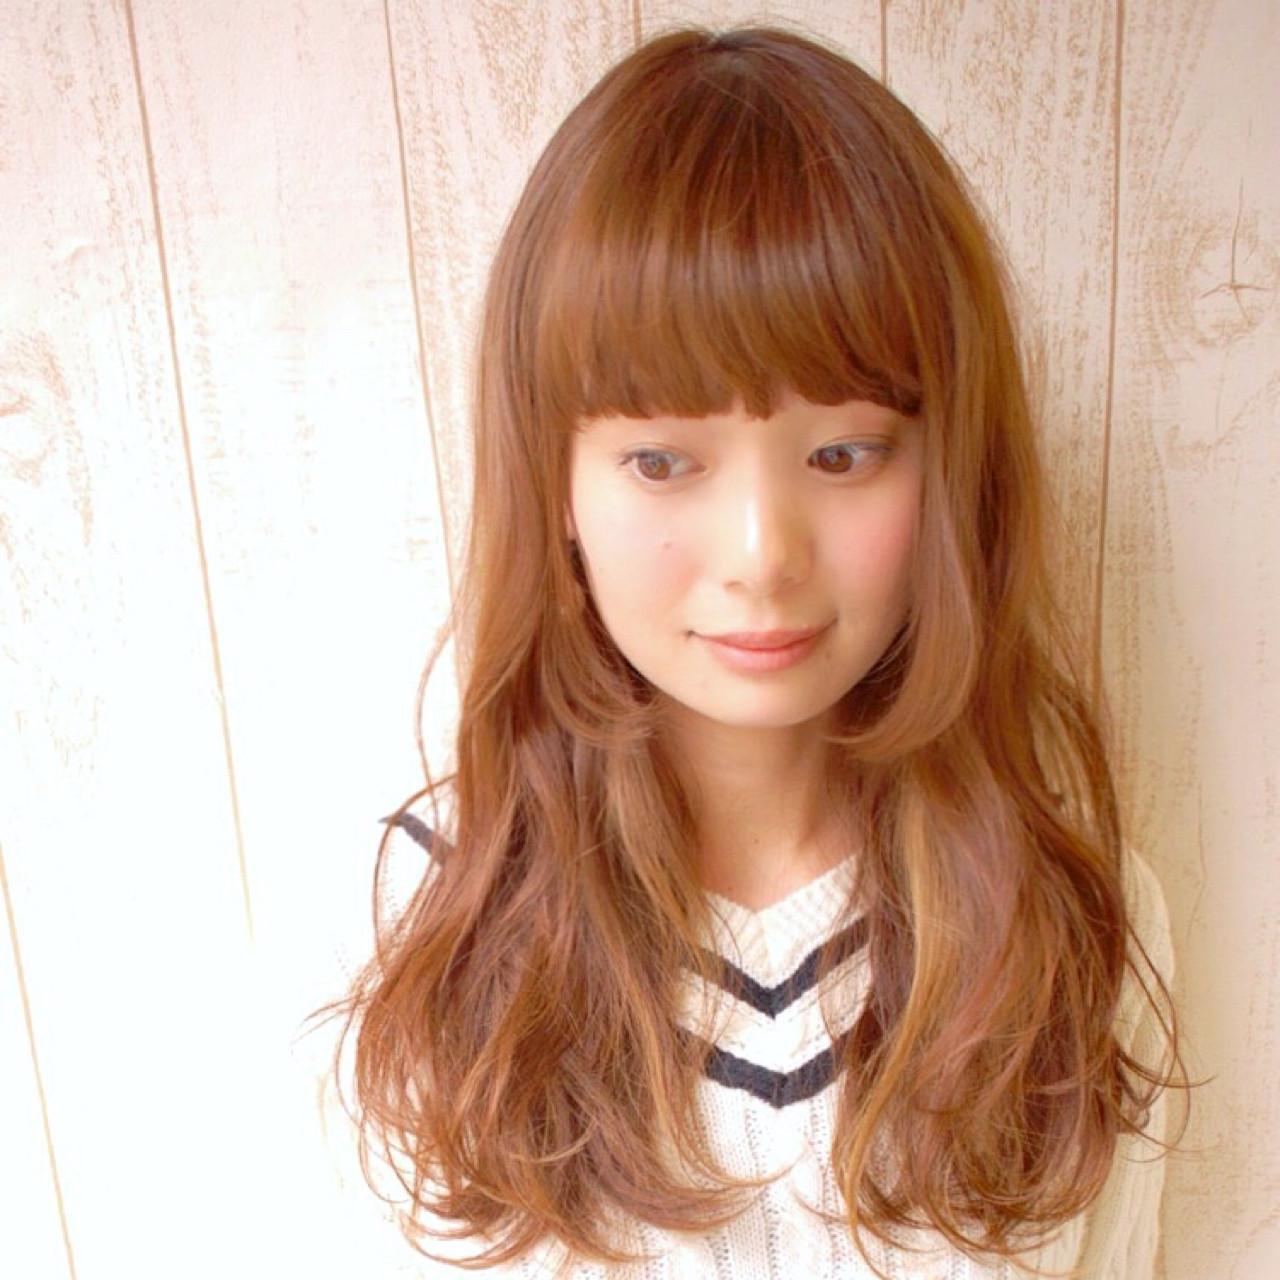 前髪でなりたい自分に!前髪の種類別にスタイルをチェックしてなりたい自分に♡ 柴立吉之助